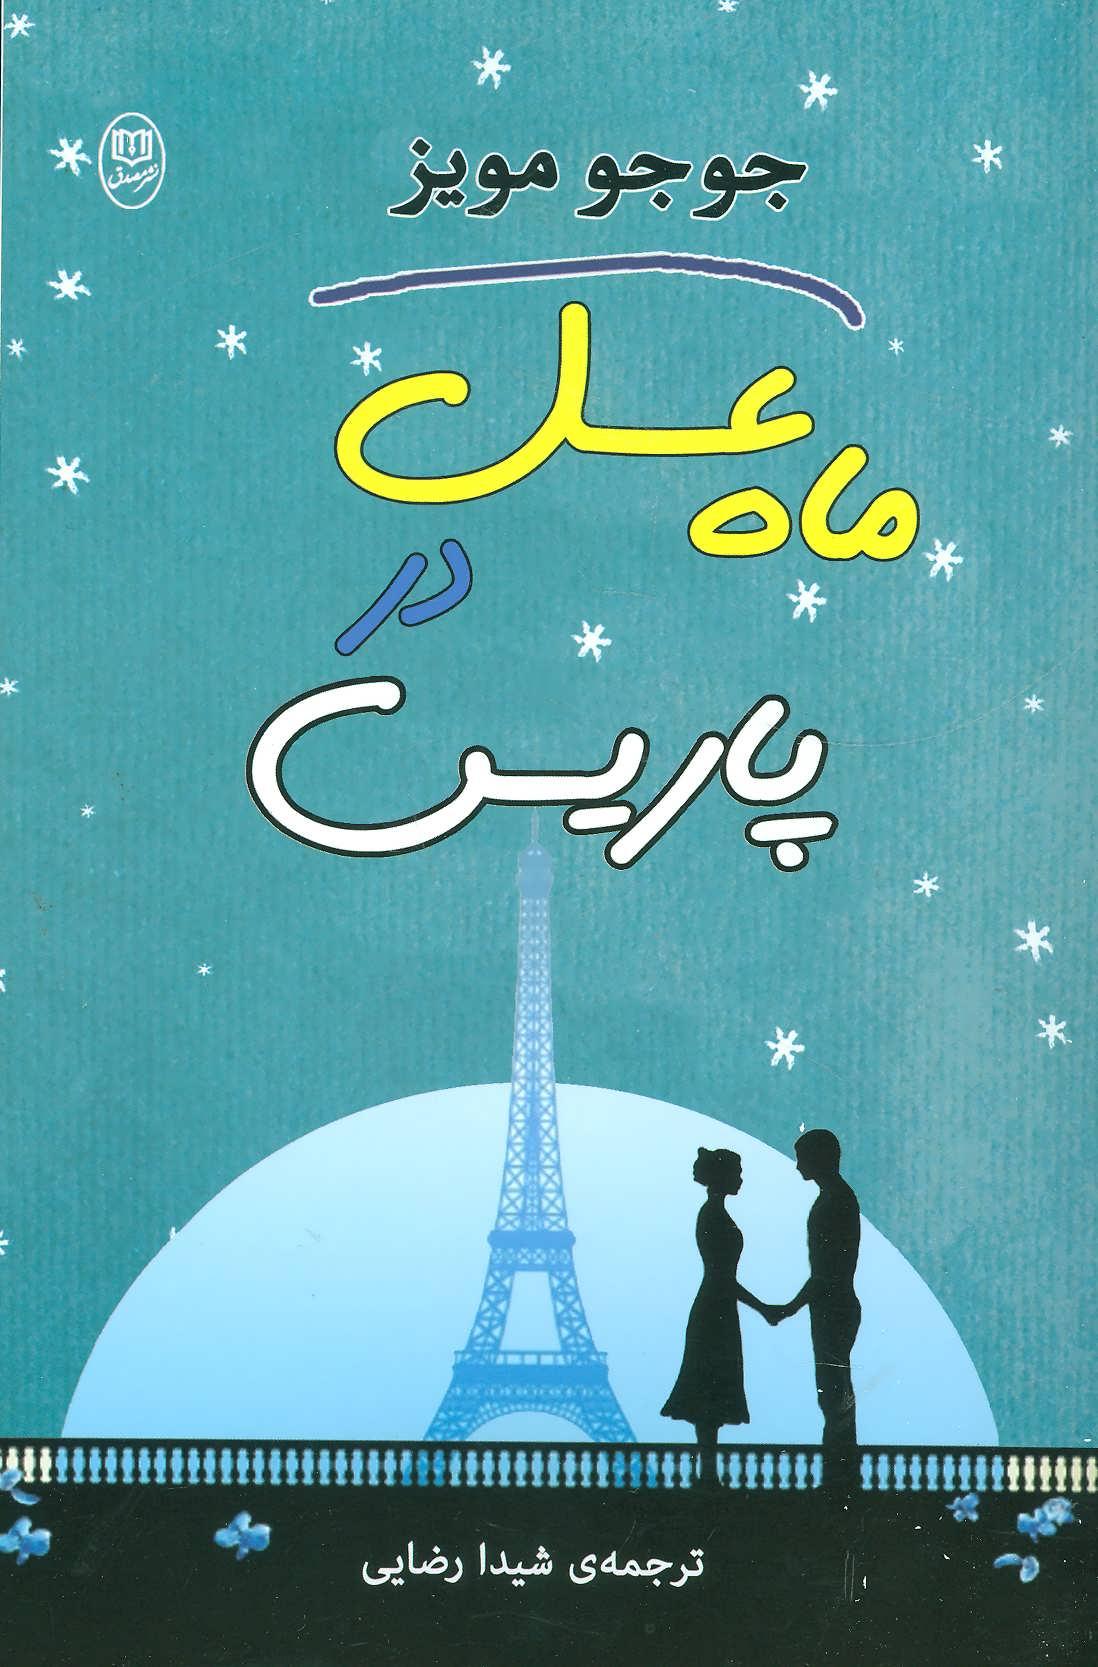 ماه عسل در پاریس (مجموعه آثار39)